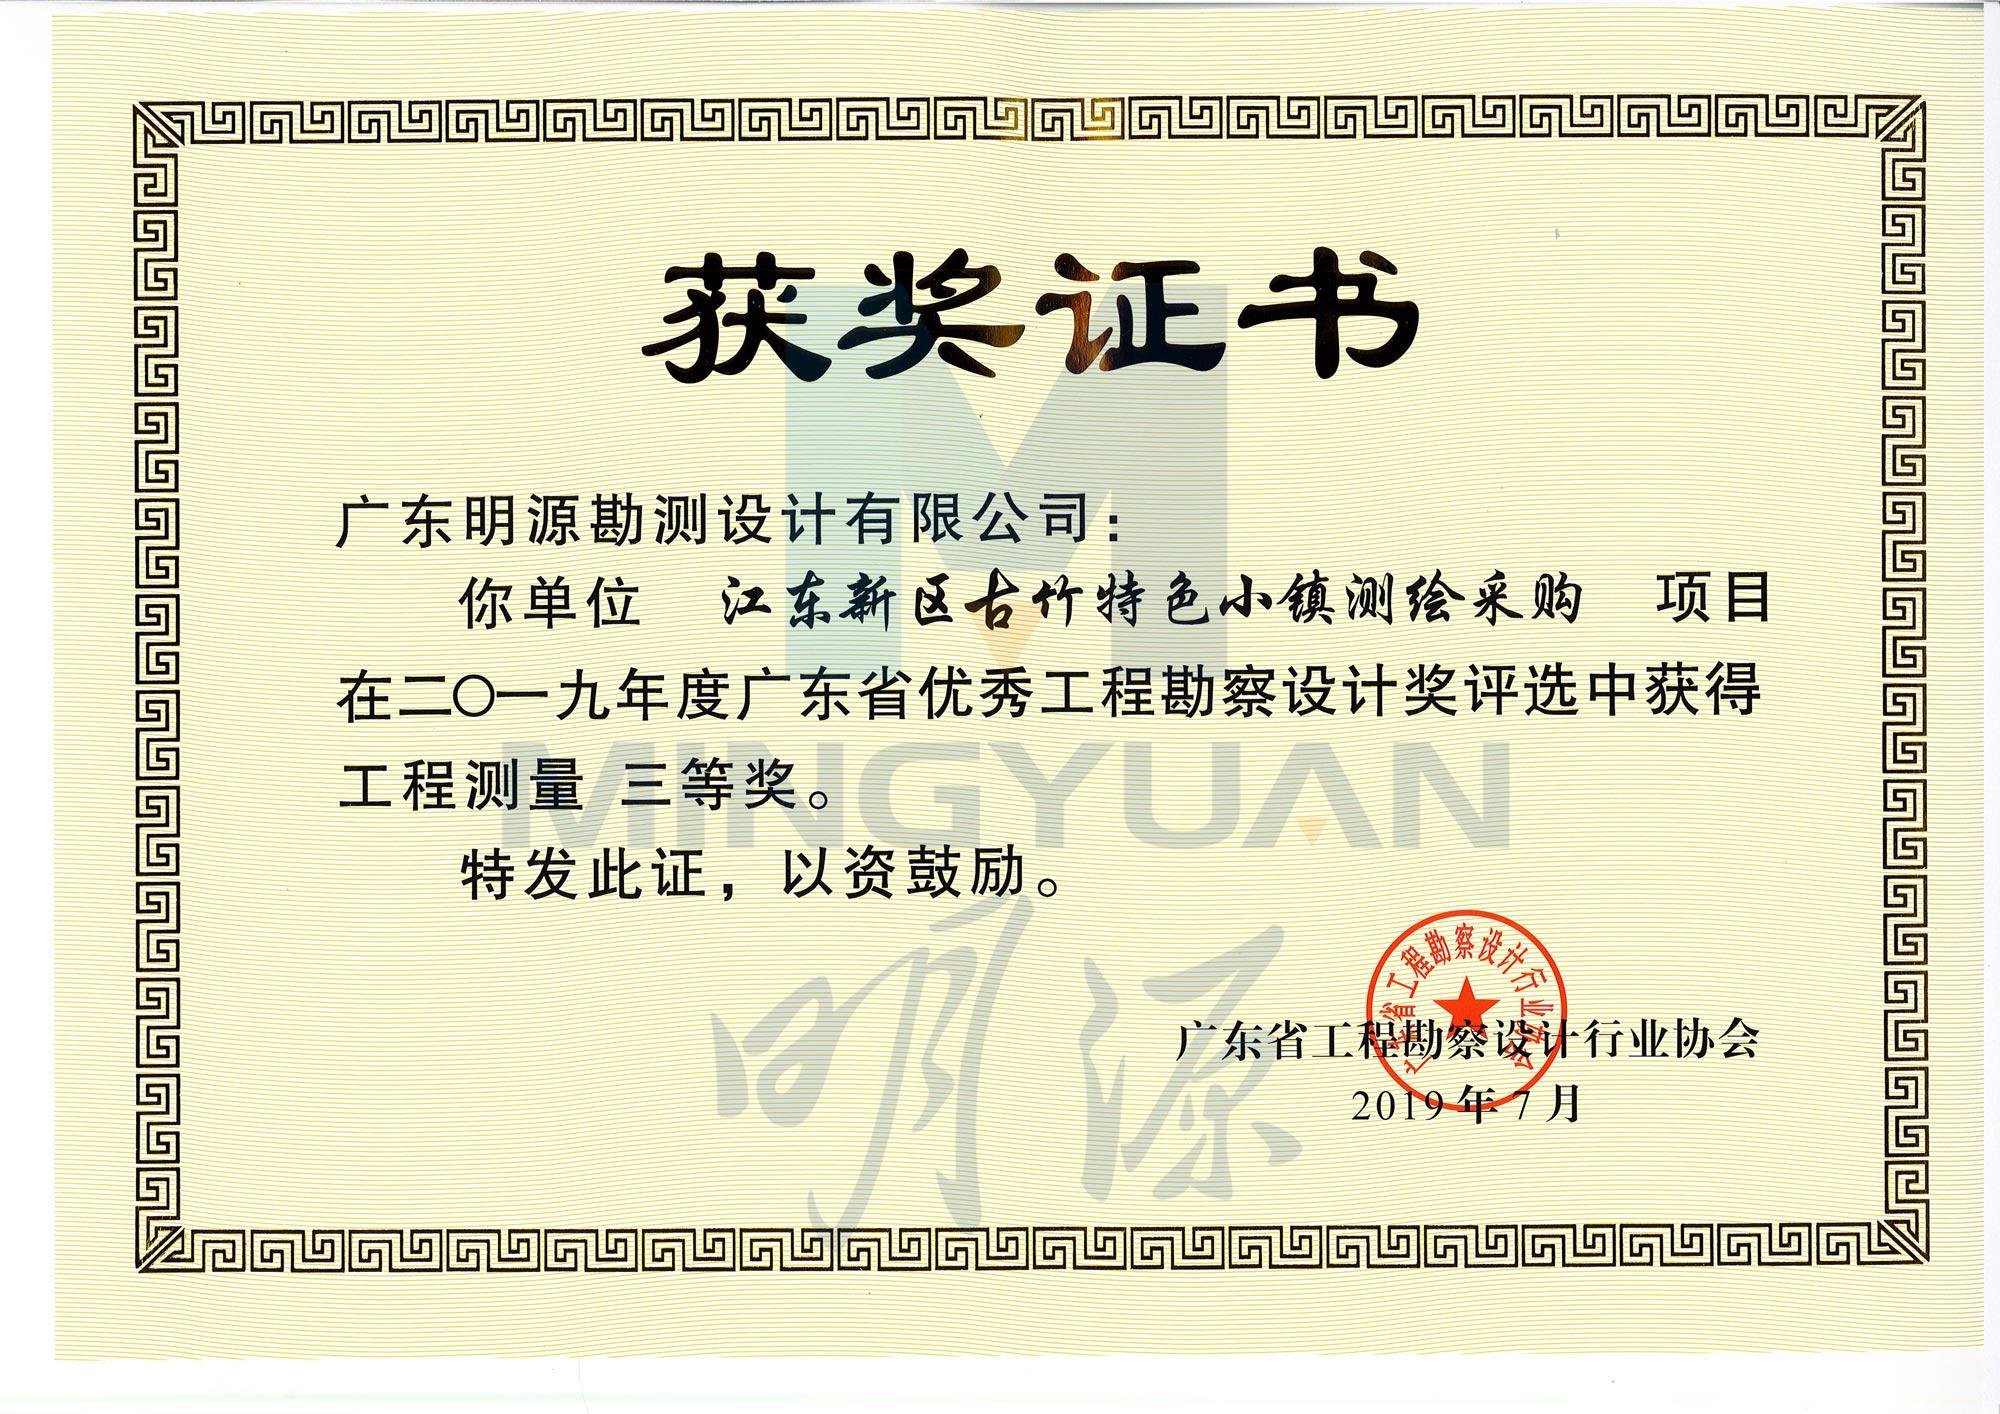 江東新區古竹特色小鎮項目獲2019廣東省優秀工程勘察測量三等獎